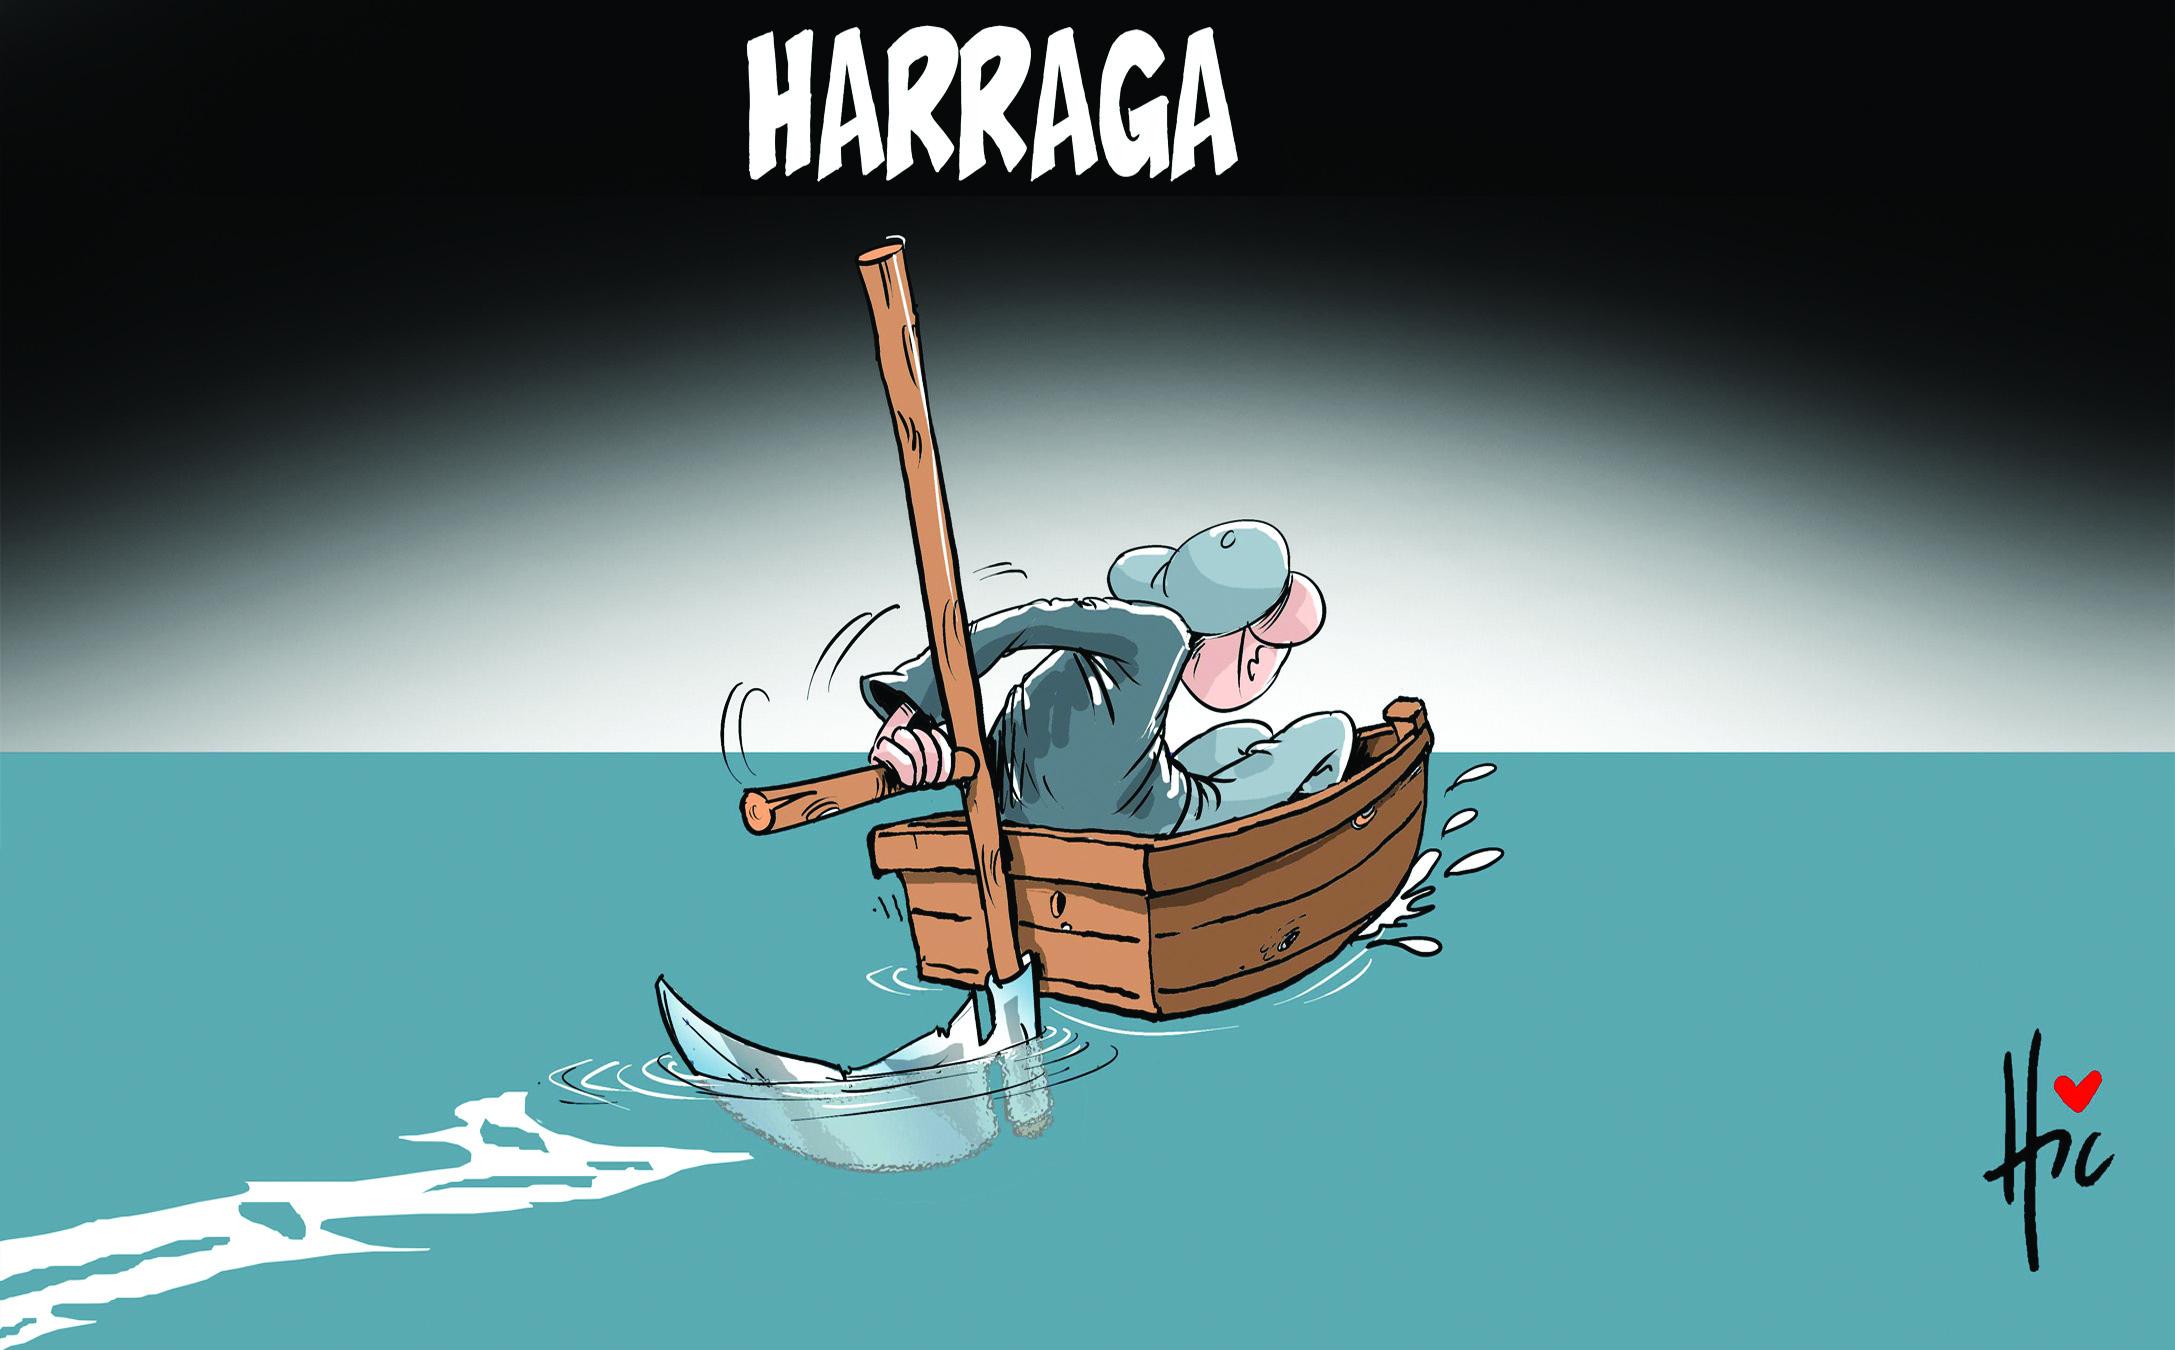 Algérie : les harraga reprennent le large - Dessins et Caricatures, Le Hic - El Watan - Gagdz.com